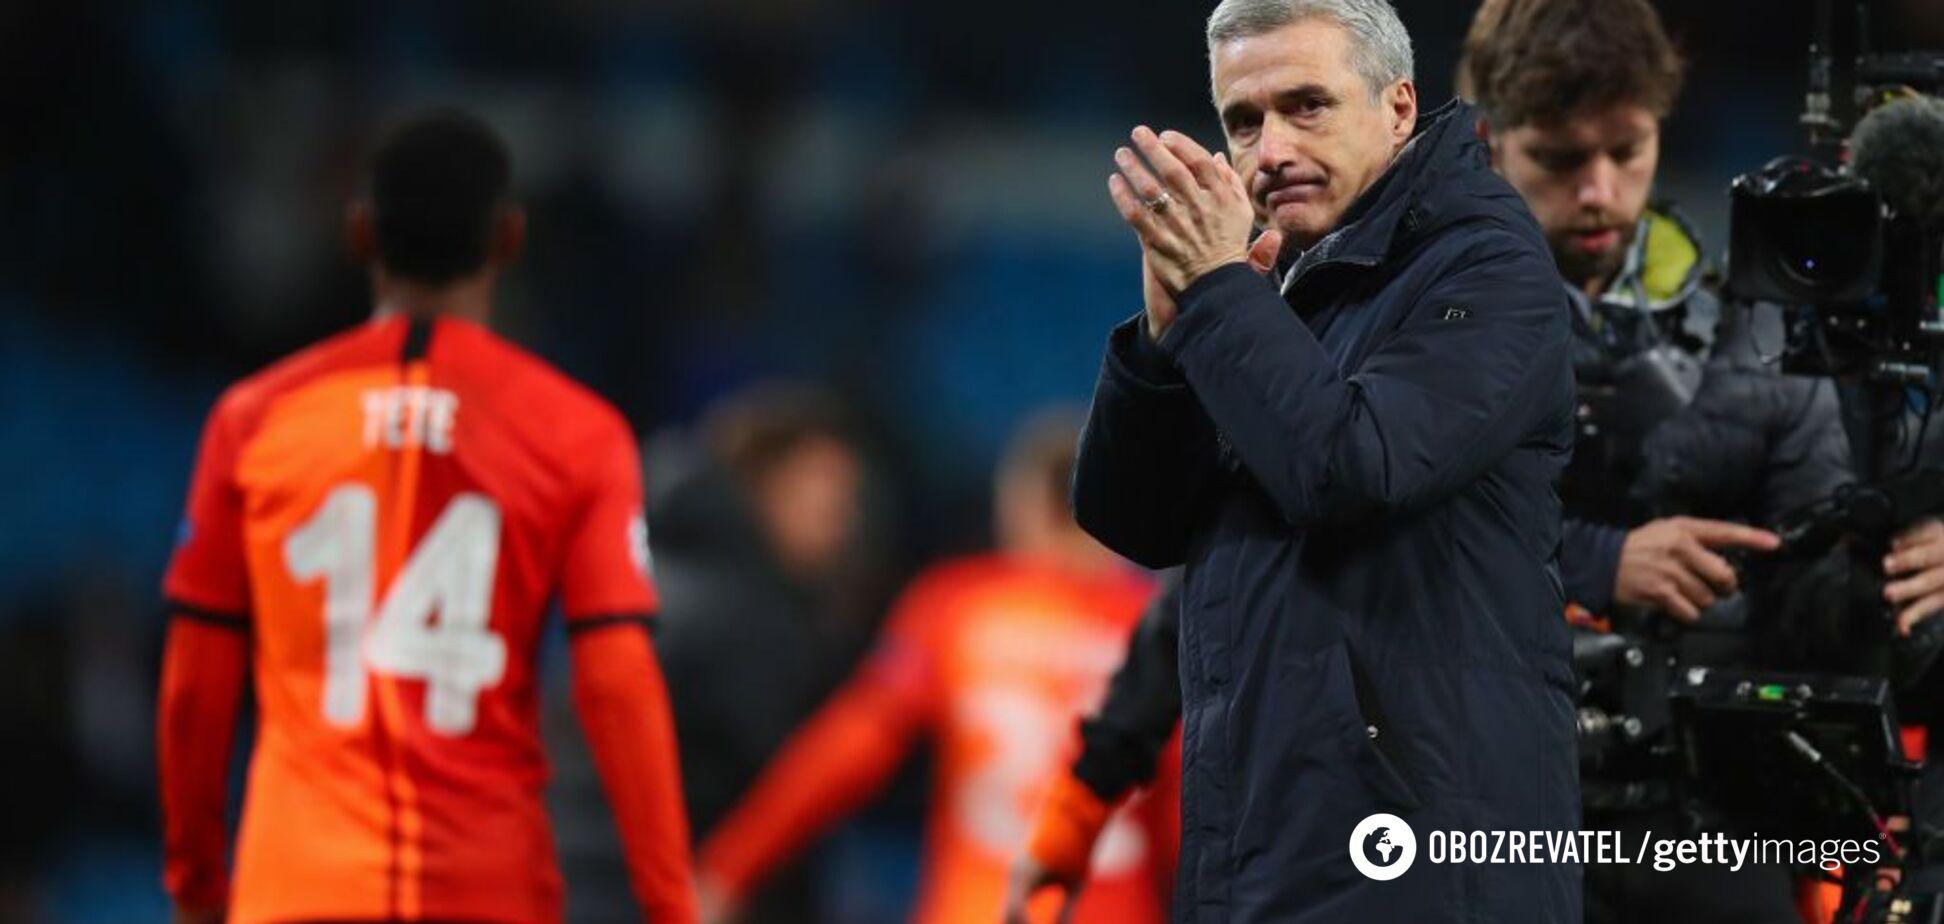 Каштру прокомментировал неожиданный результат 'Шахтера' в матче с 'Манчестер Сити'